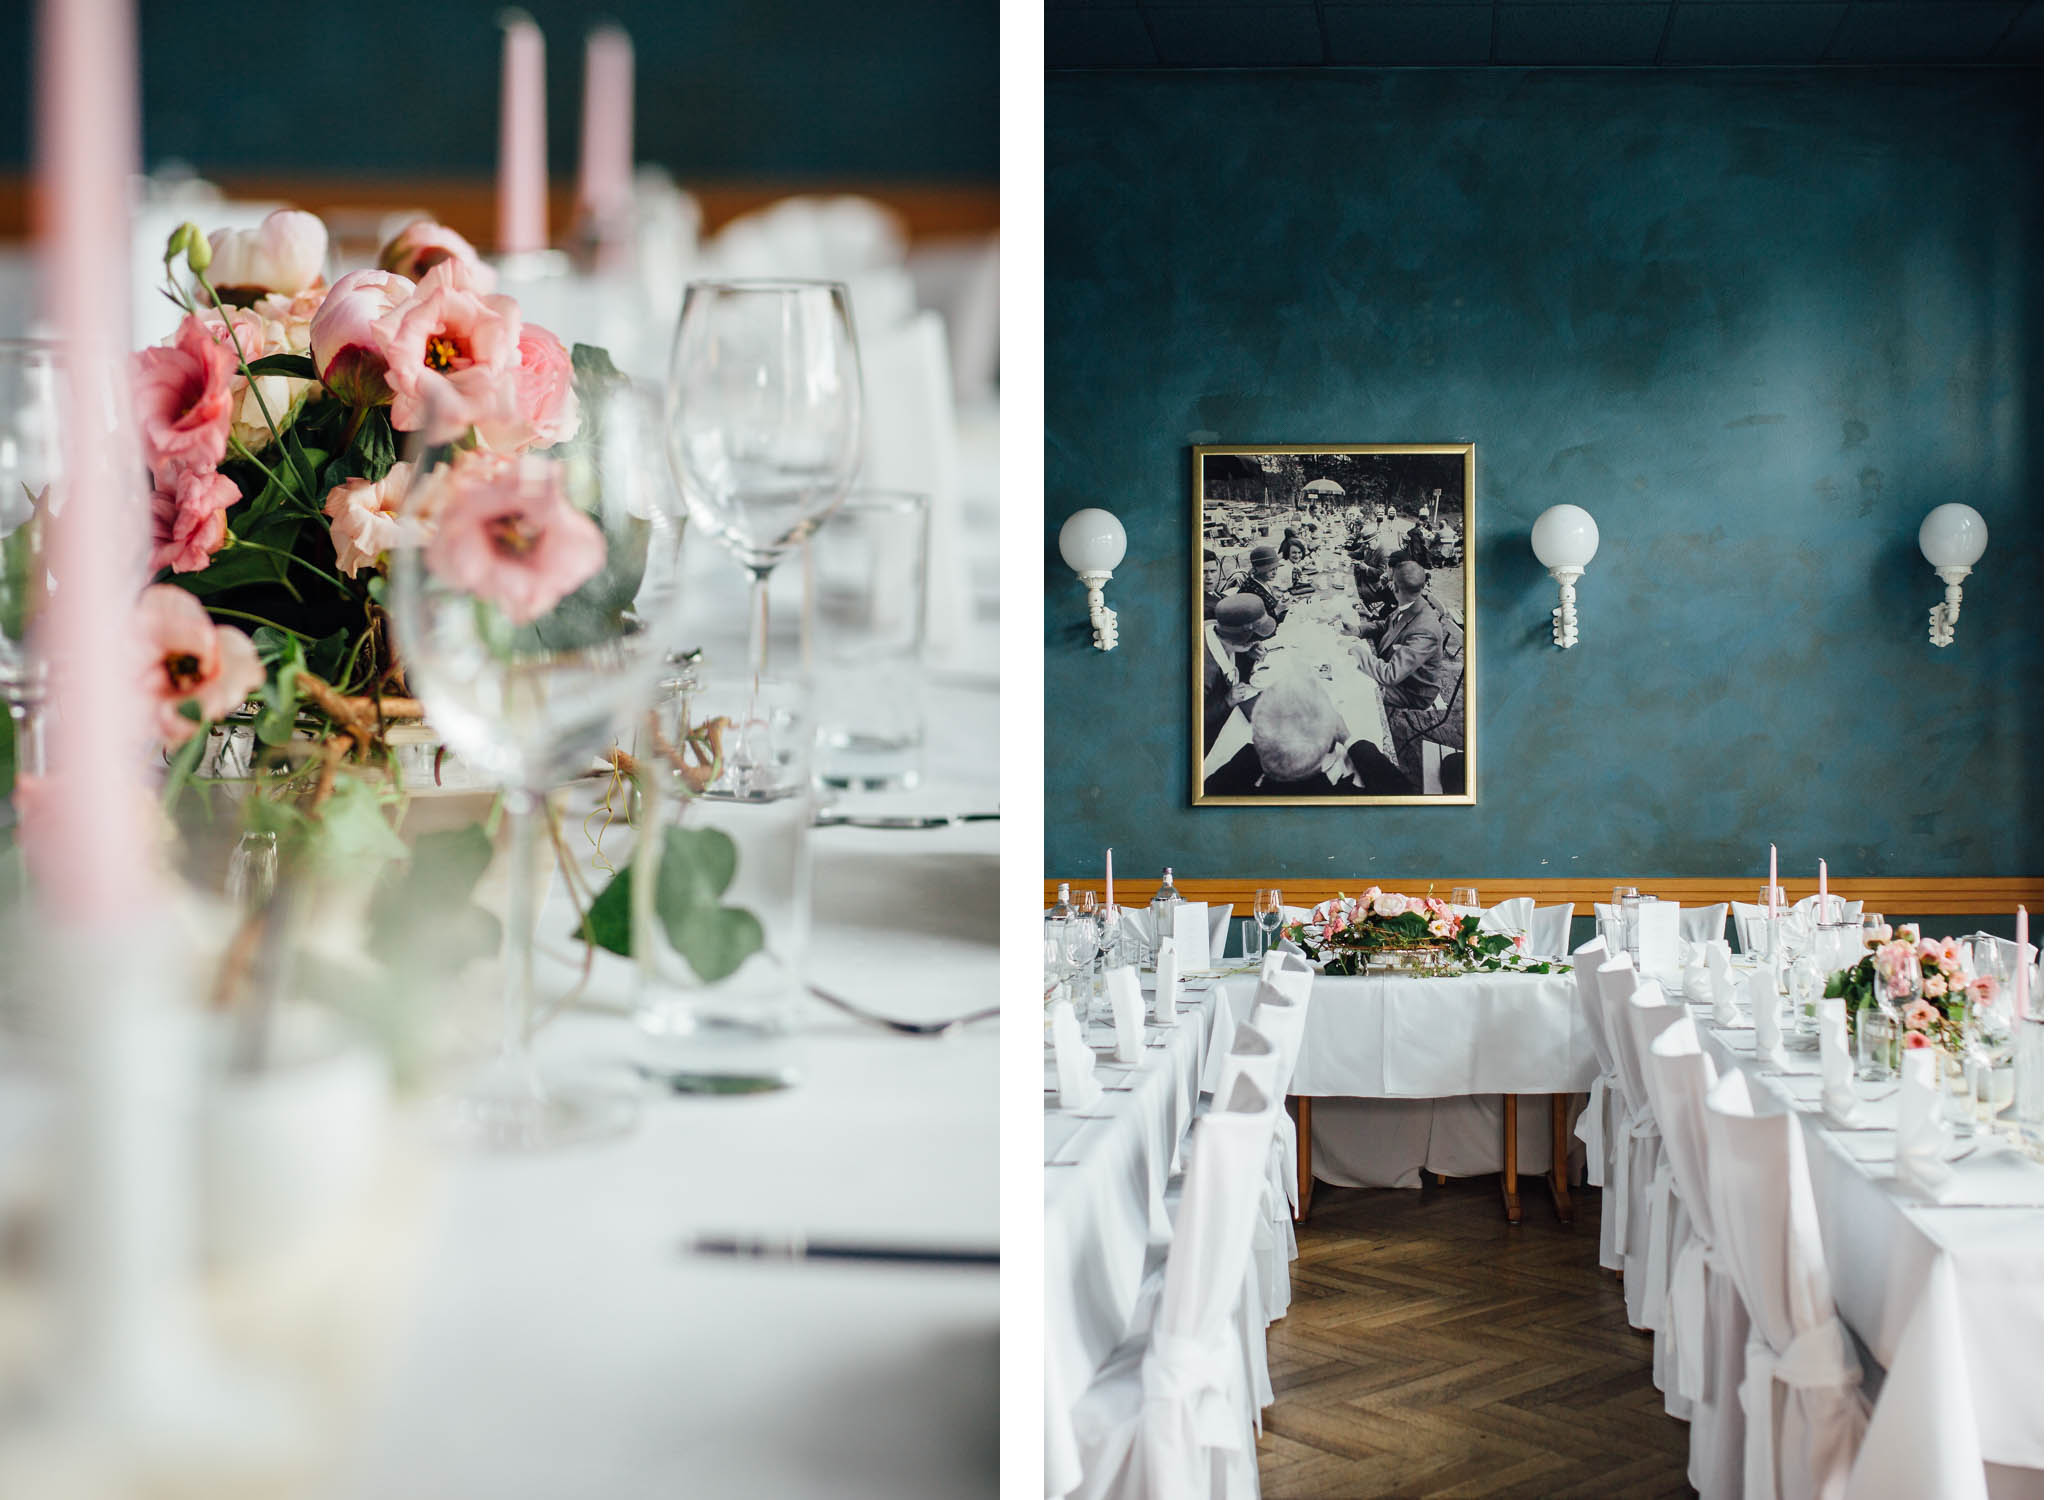 kaffeetafel-hochzeitsfotograf-heiraten-berlin